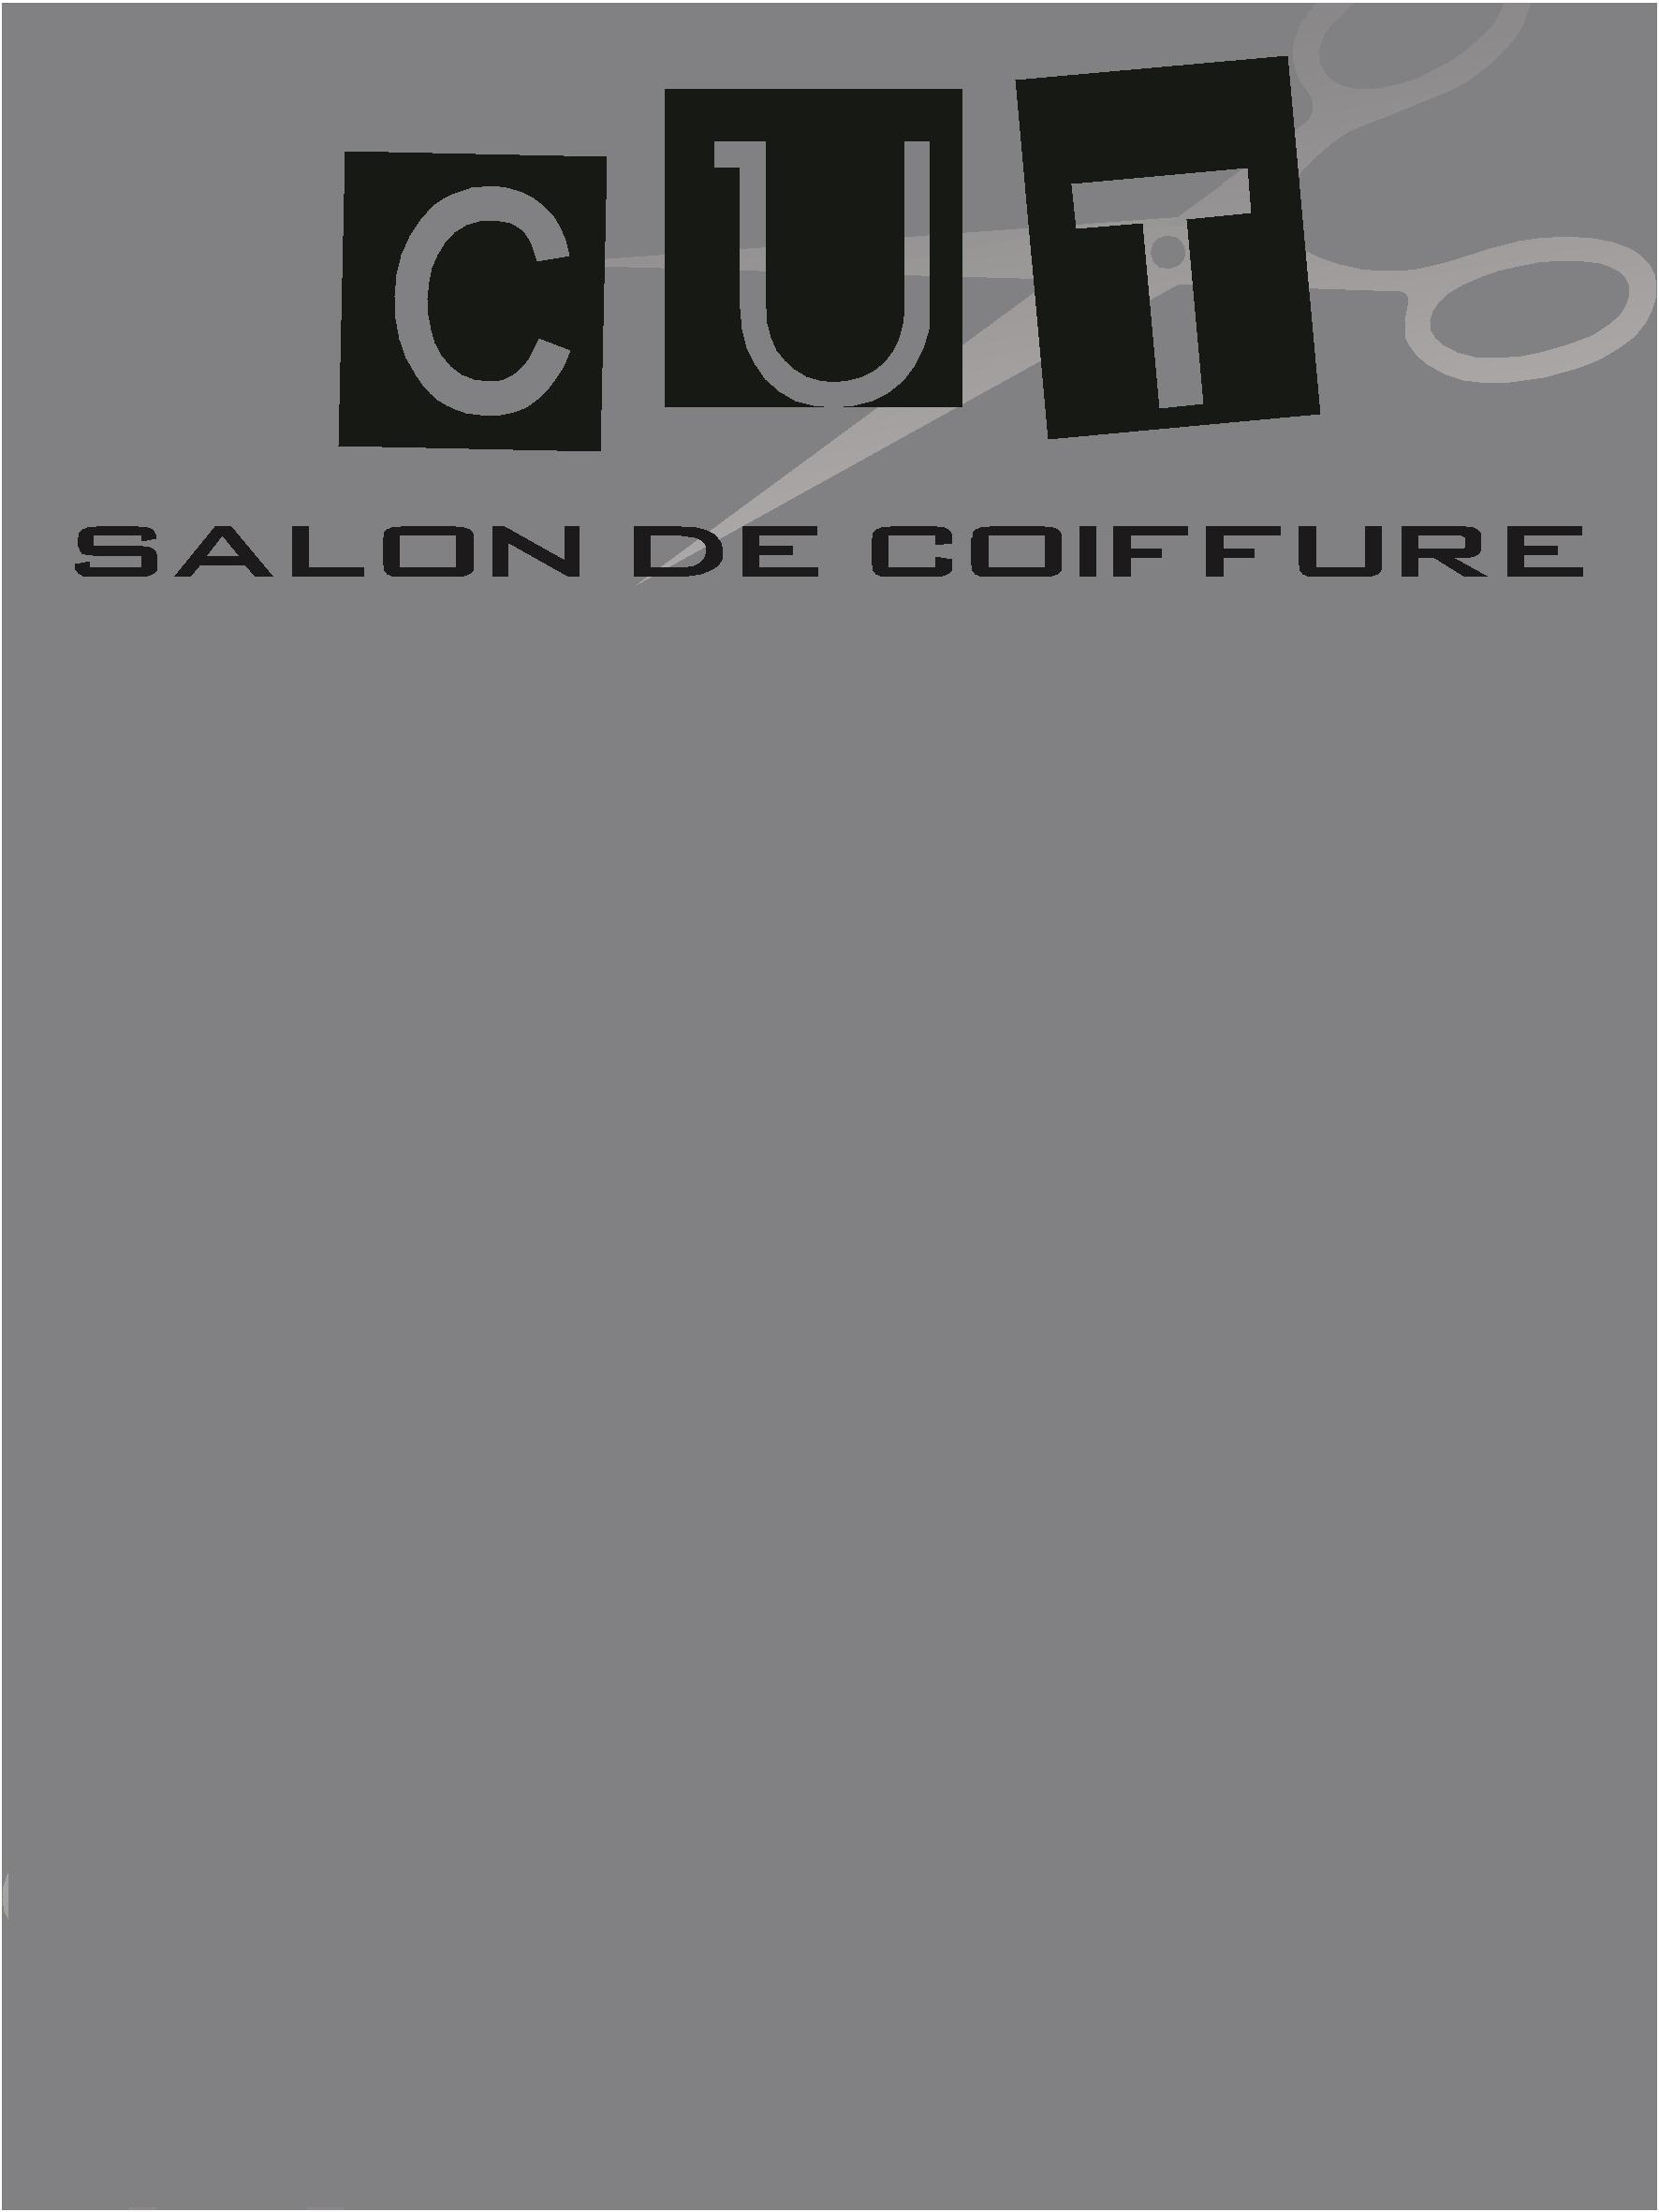 Salon de coiffure cut marseille 13004 coiffures modernes for Salon de l immobilier marseille